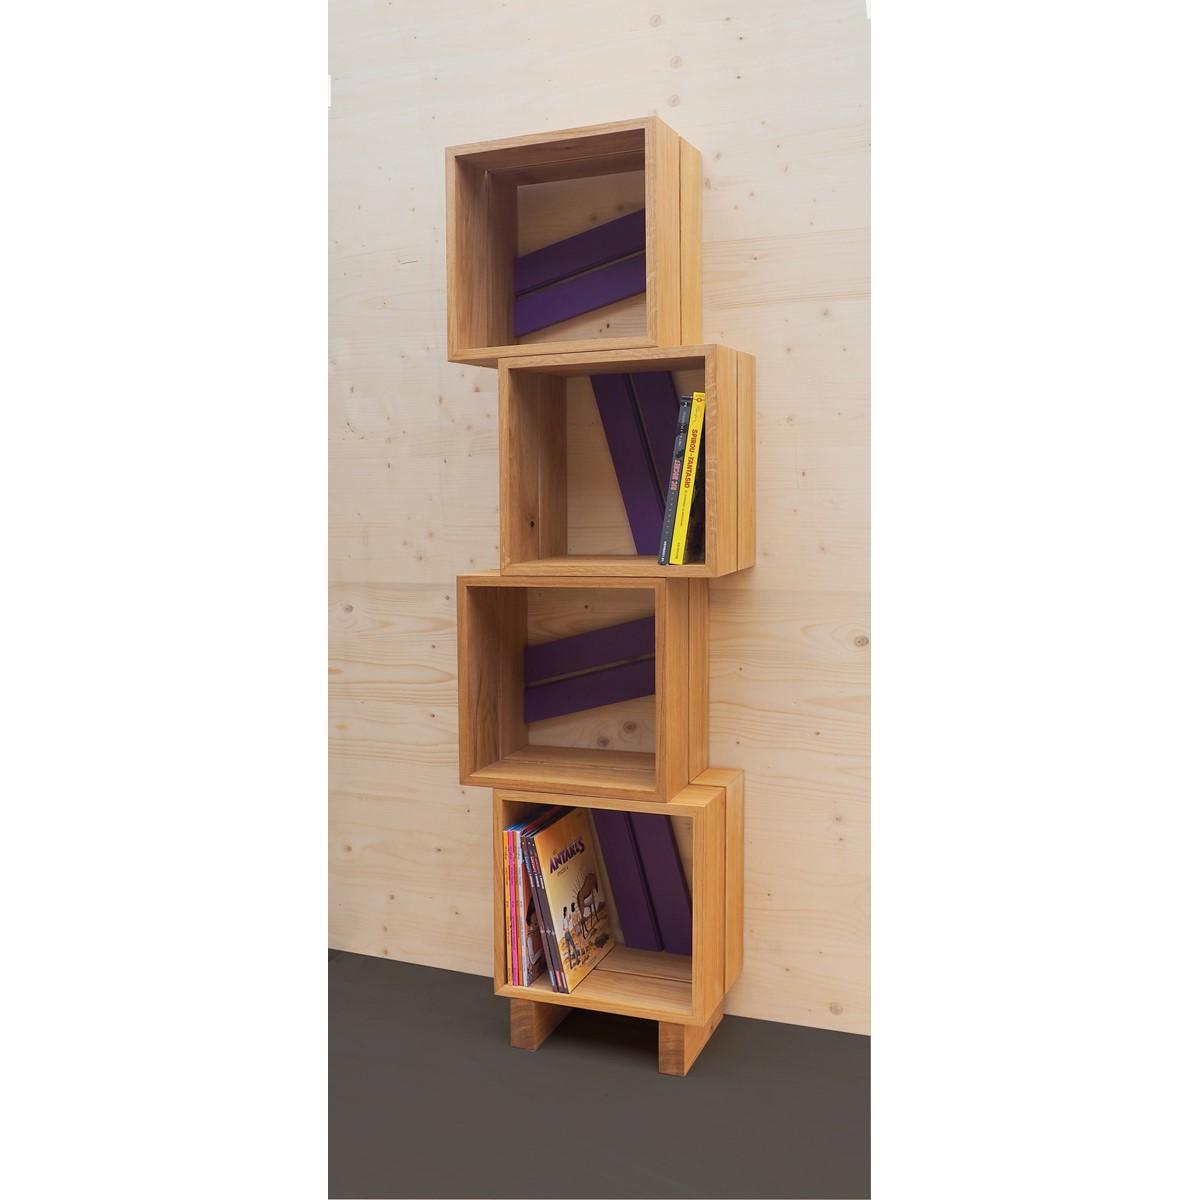 bibliotheque meuble modulable des id es pour le style de maison moderne et la conception d 39 image. Black Bedroom Furniture Sets. Home Design Ideas